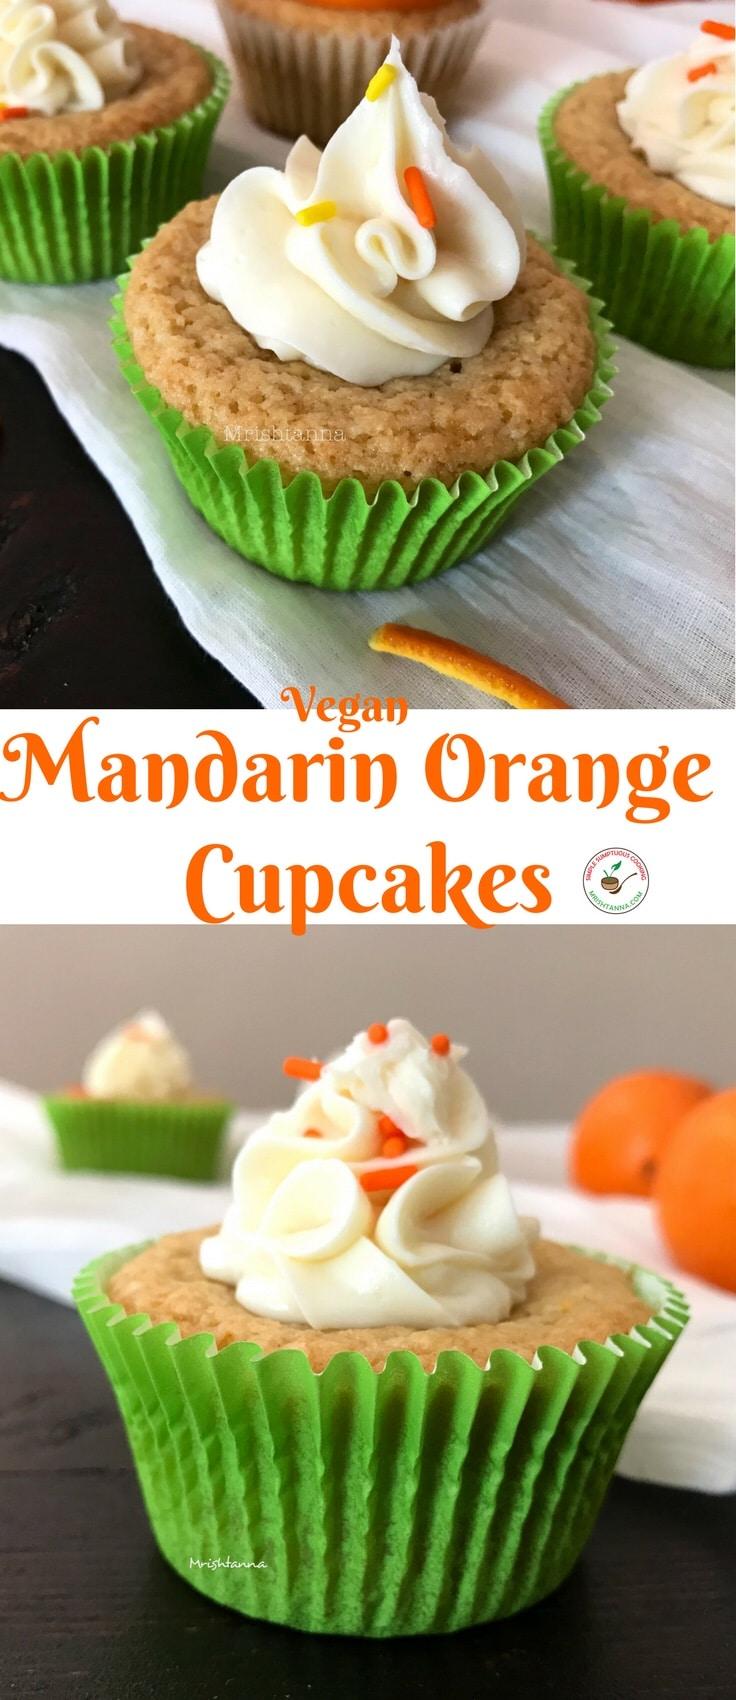 Mandarin Orange Cupcake